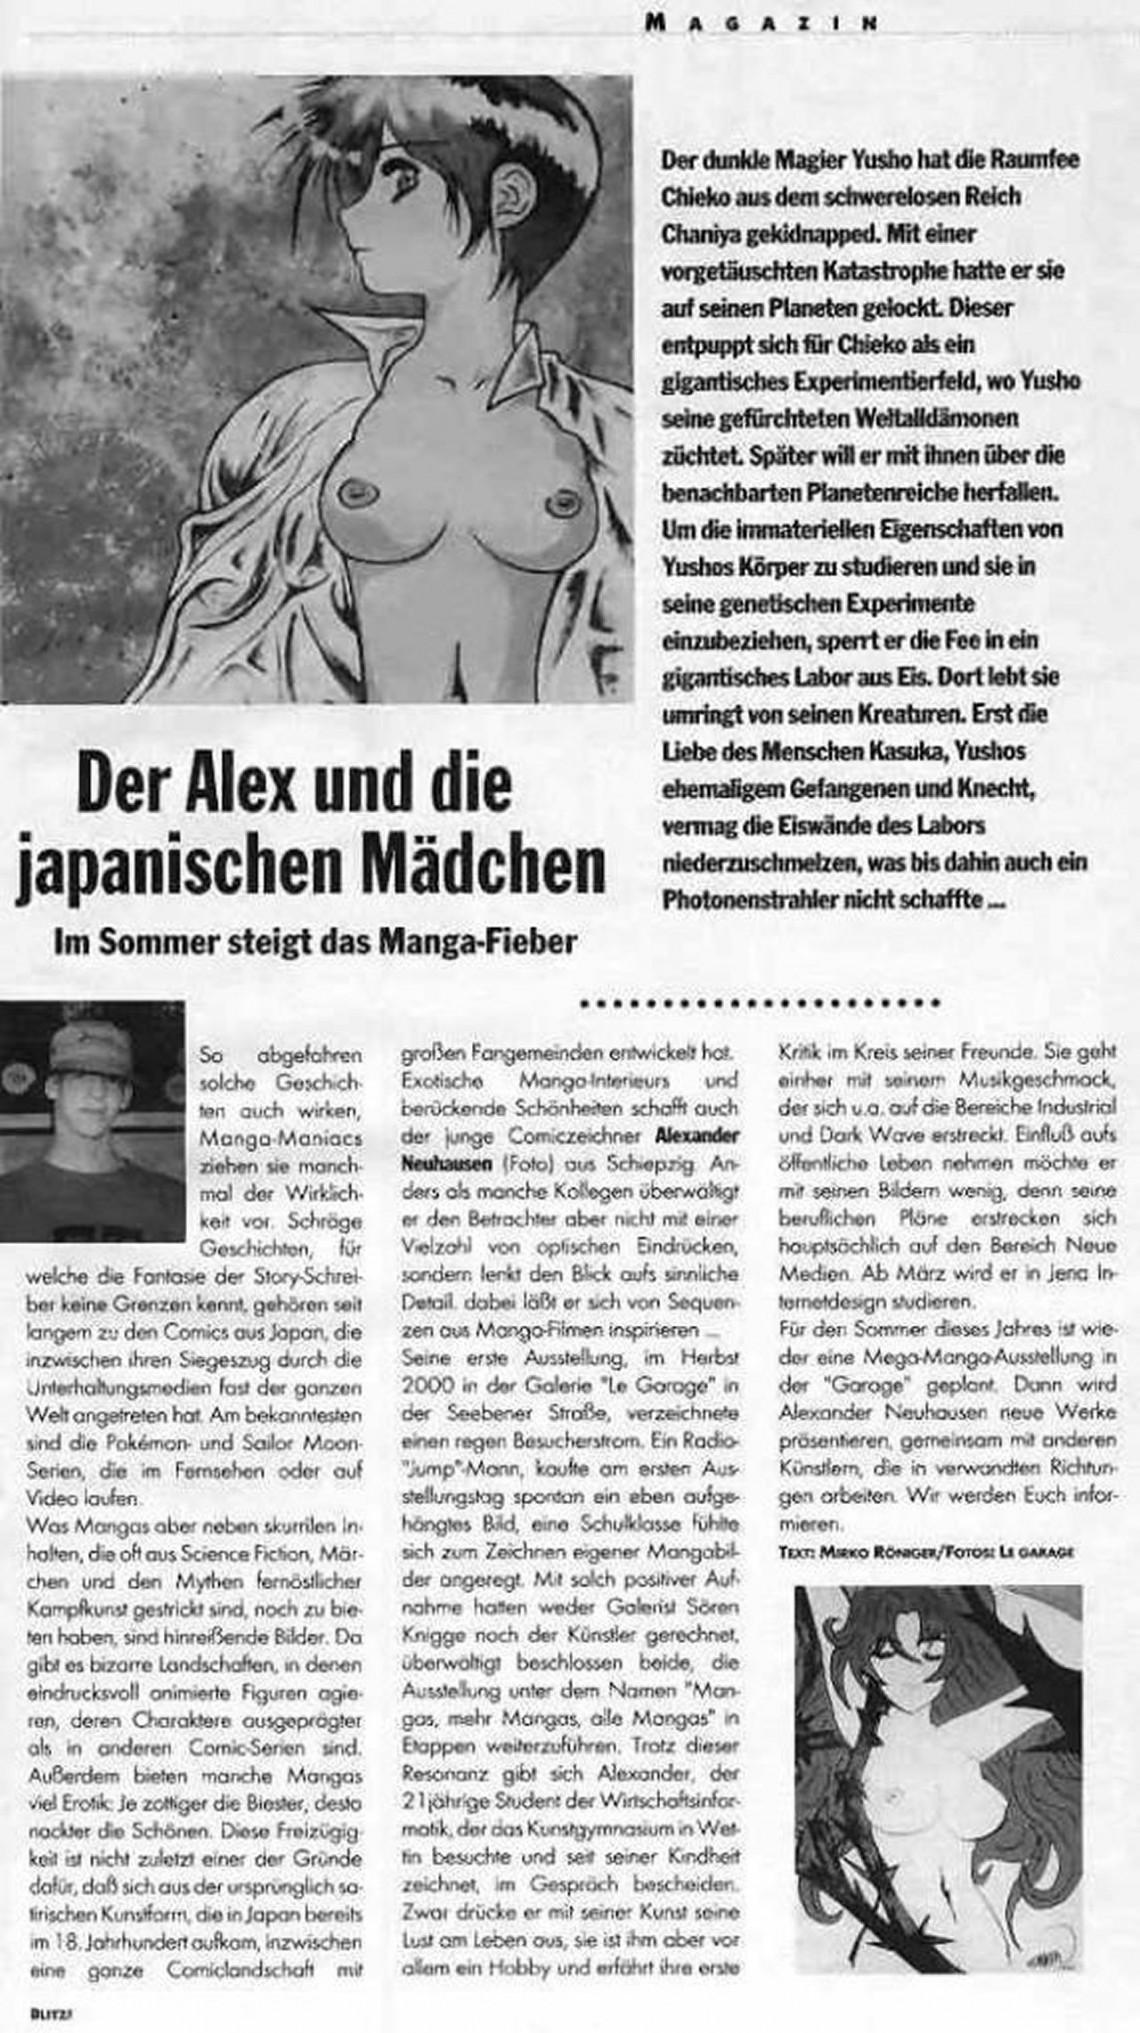 Blitz Magazin, 15.03.2001